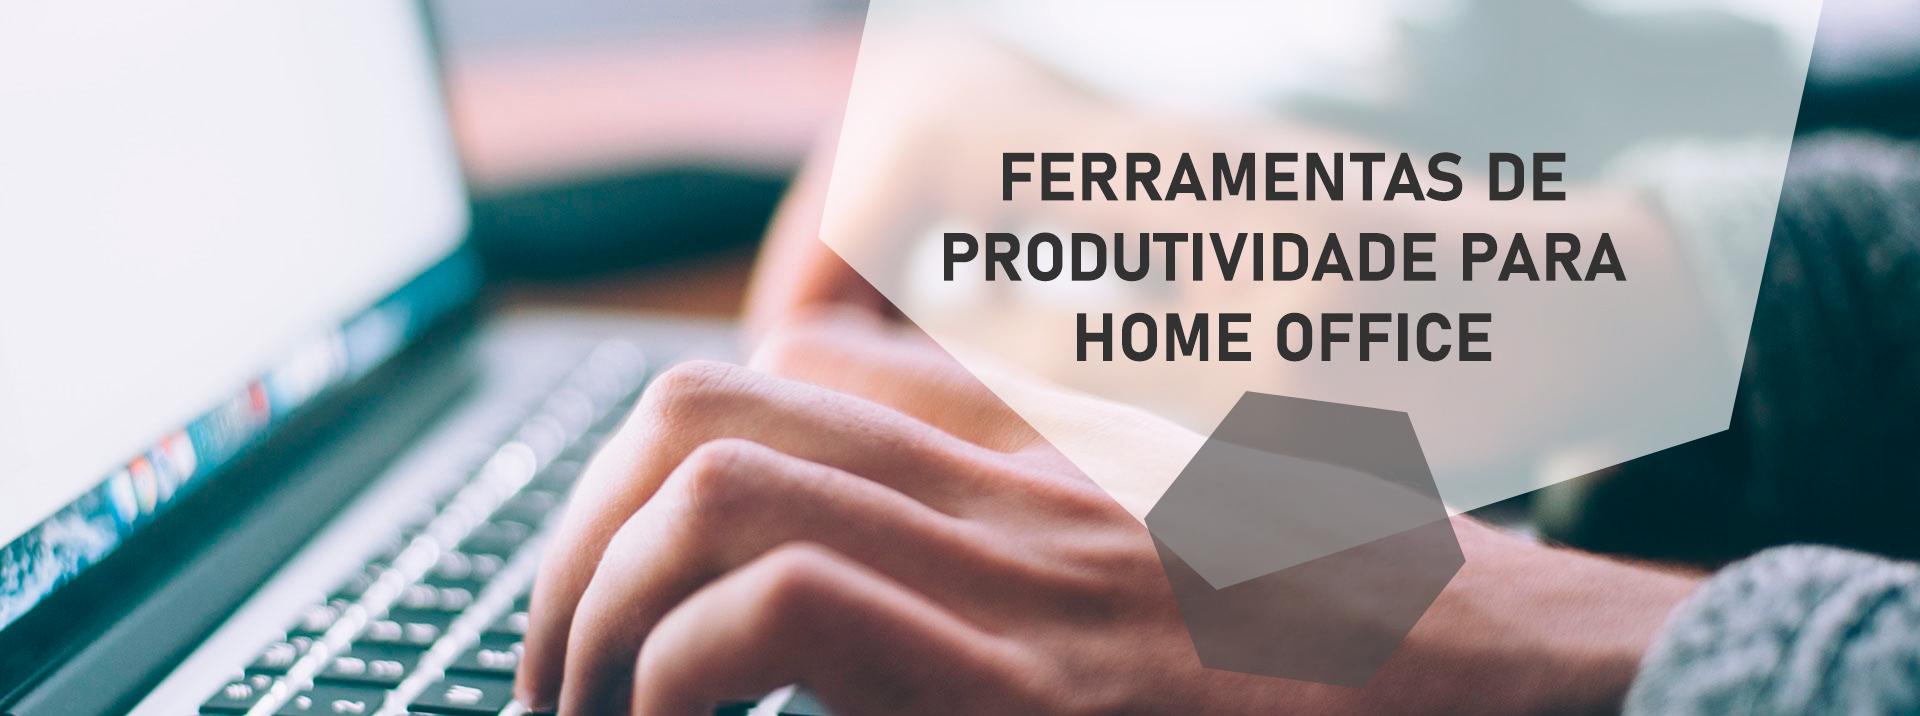 ferramentas-de-produtividade-para-home-office